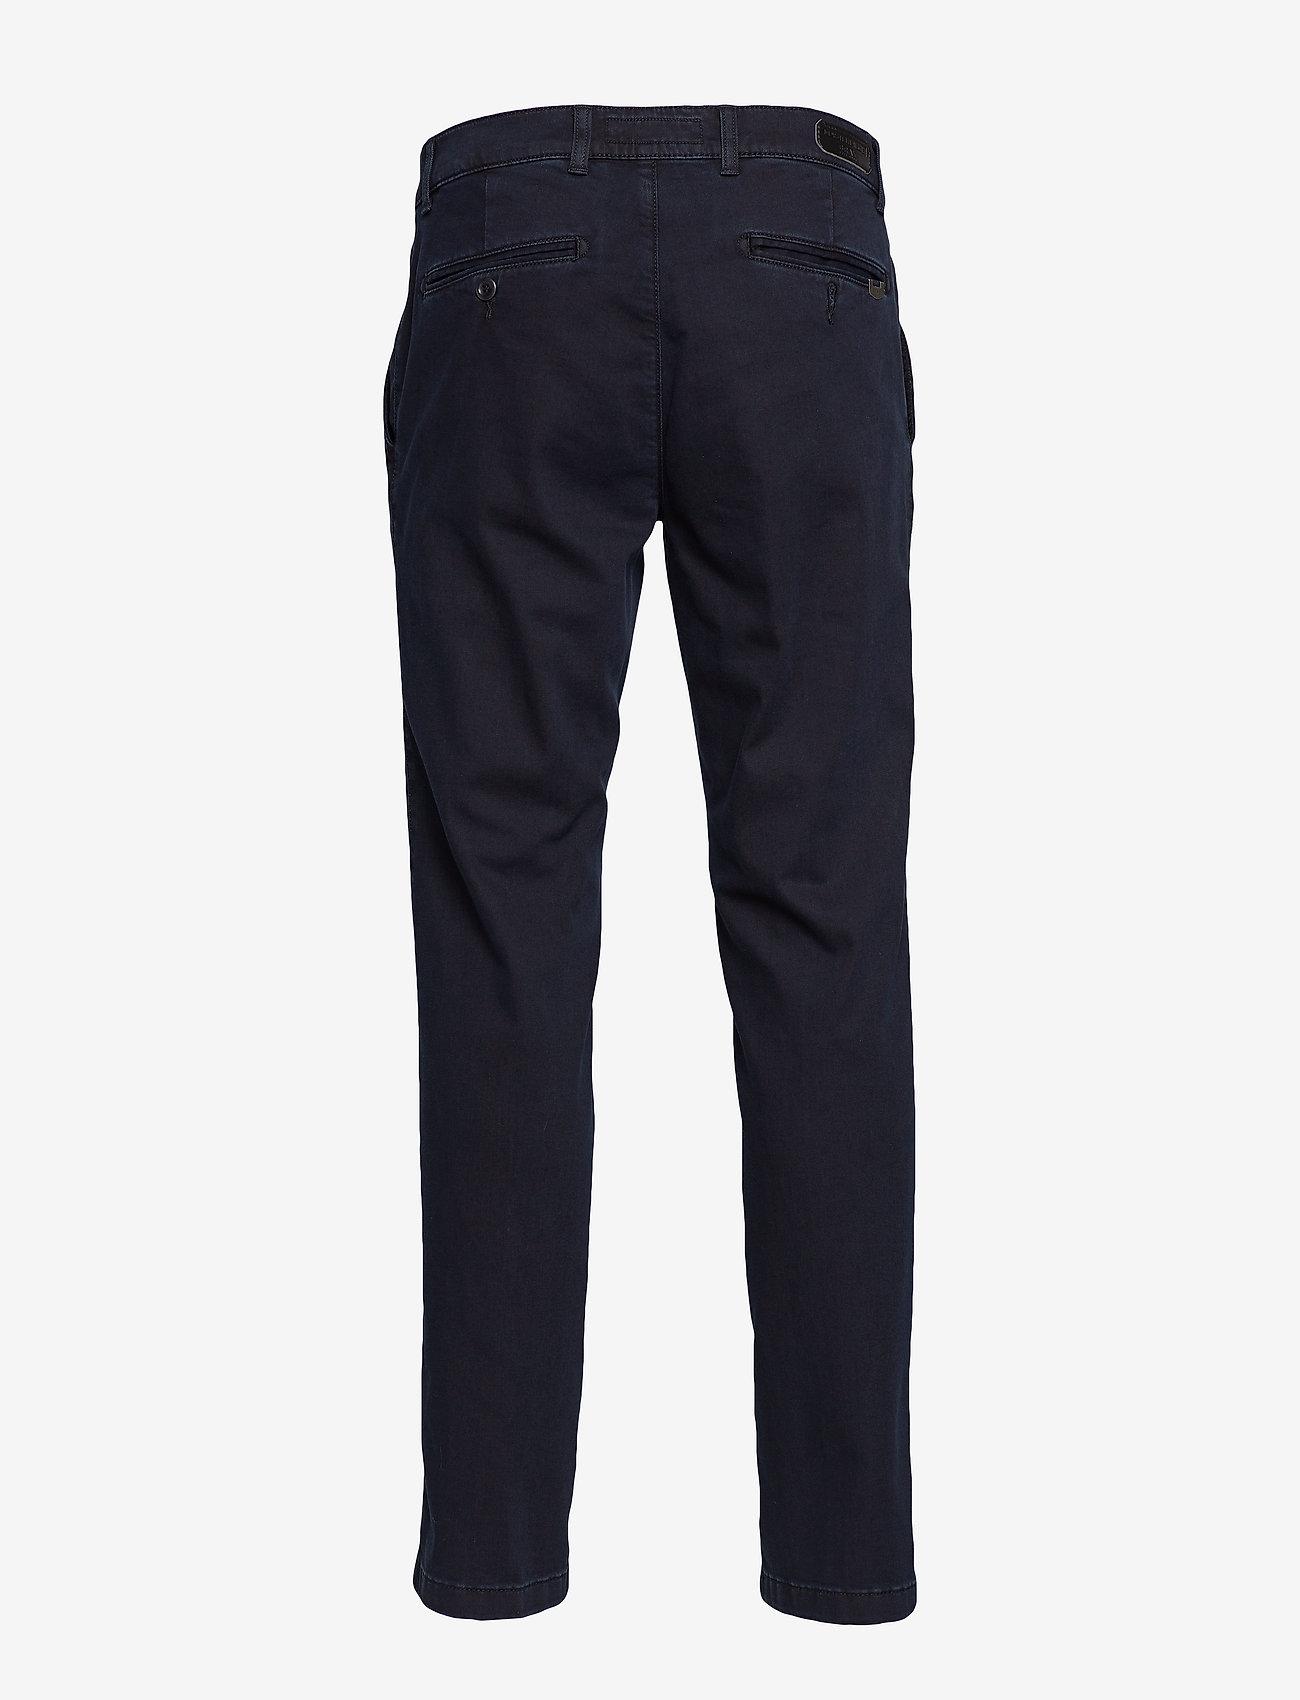 BRAX EVEREST D - Jeans BLUE BLACK - Menn Klær